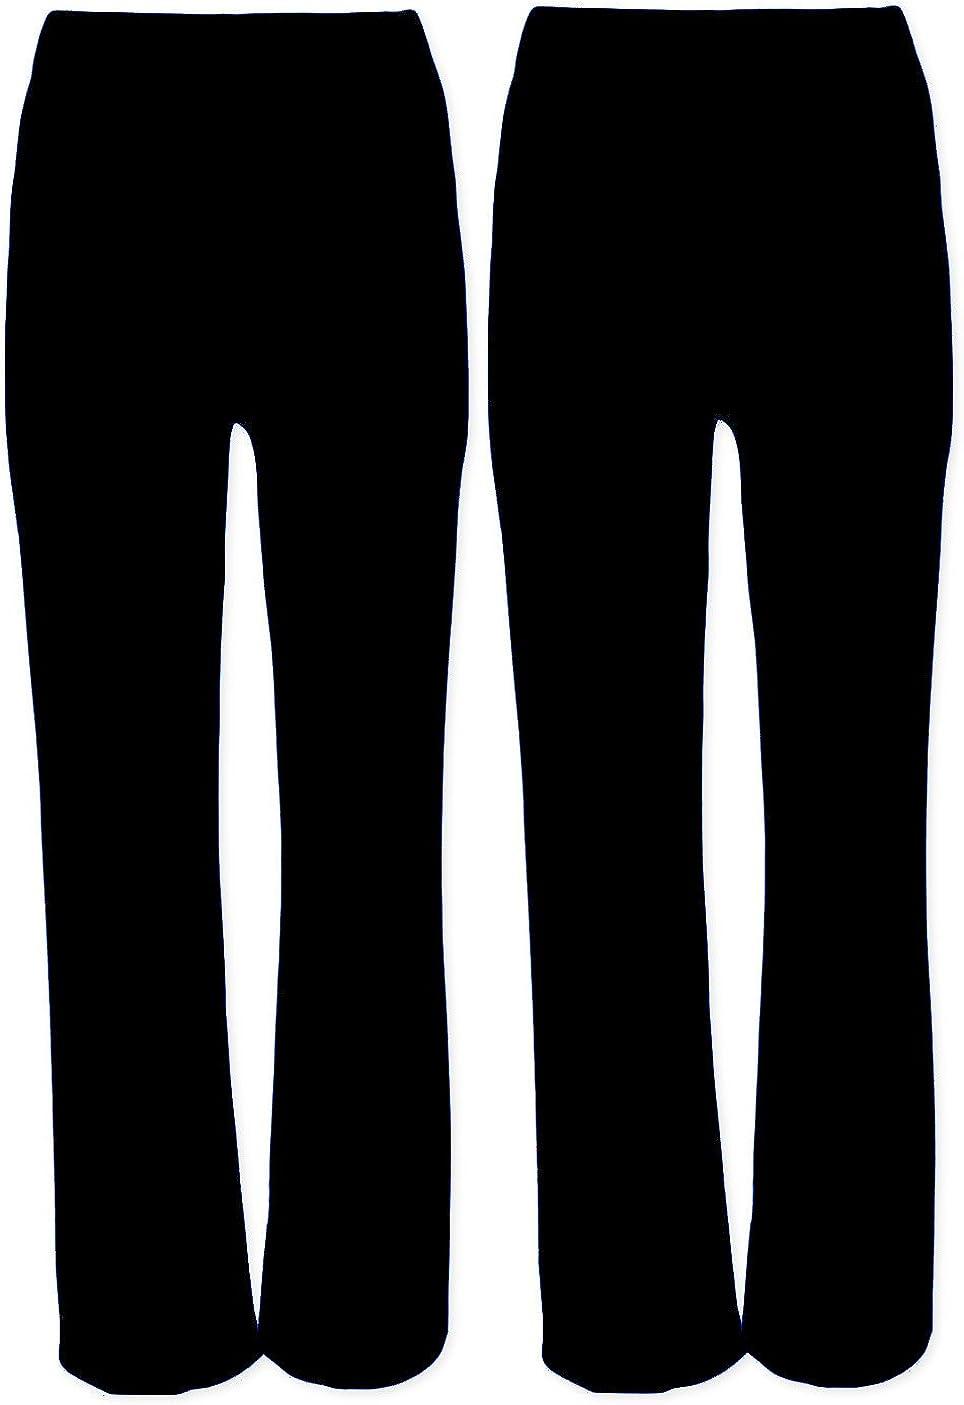 Pantalones elásticos para mujer, 2 piezas, acampanado, acanalado, talla 8-26, color negro